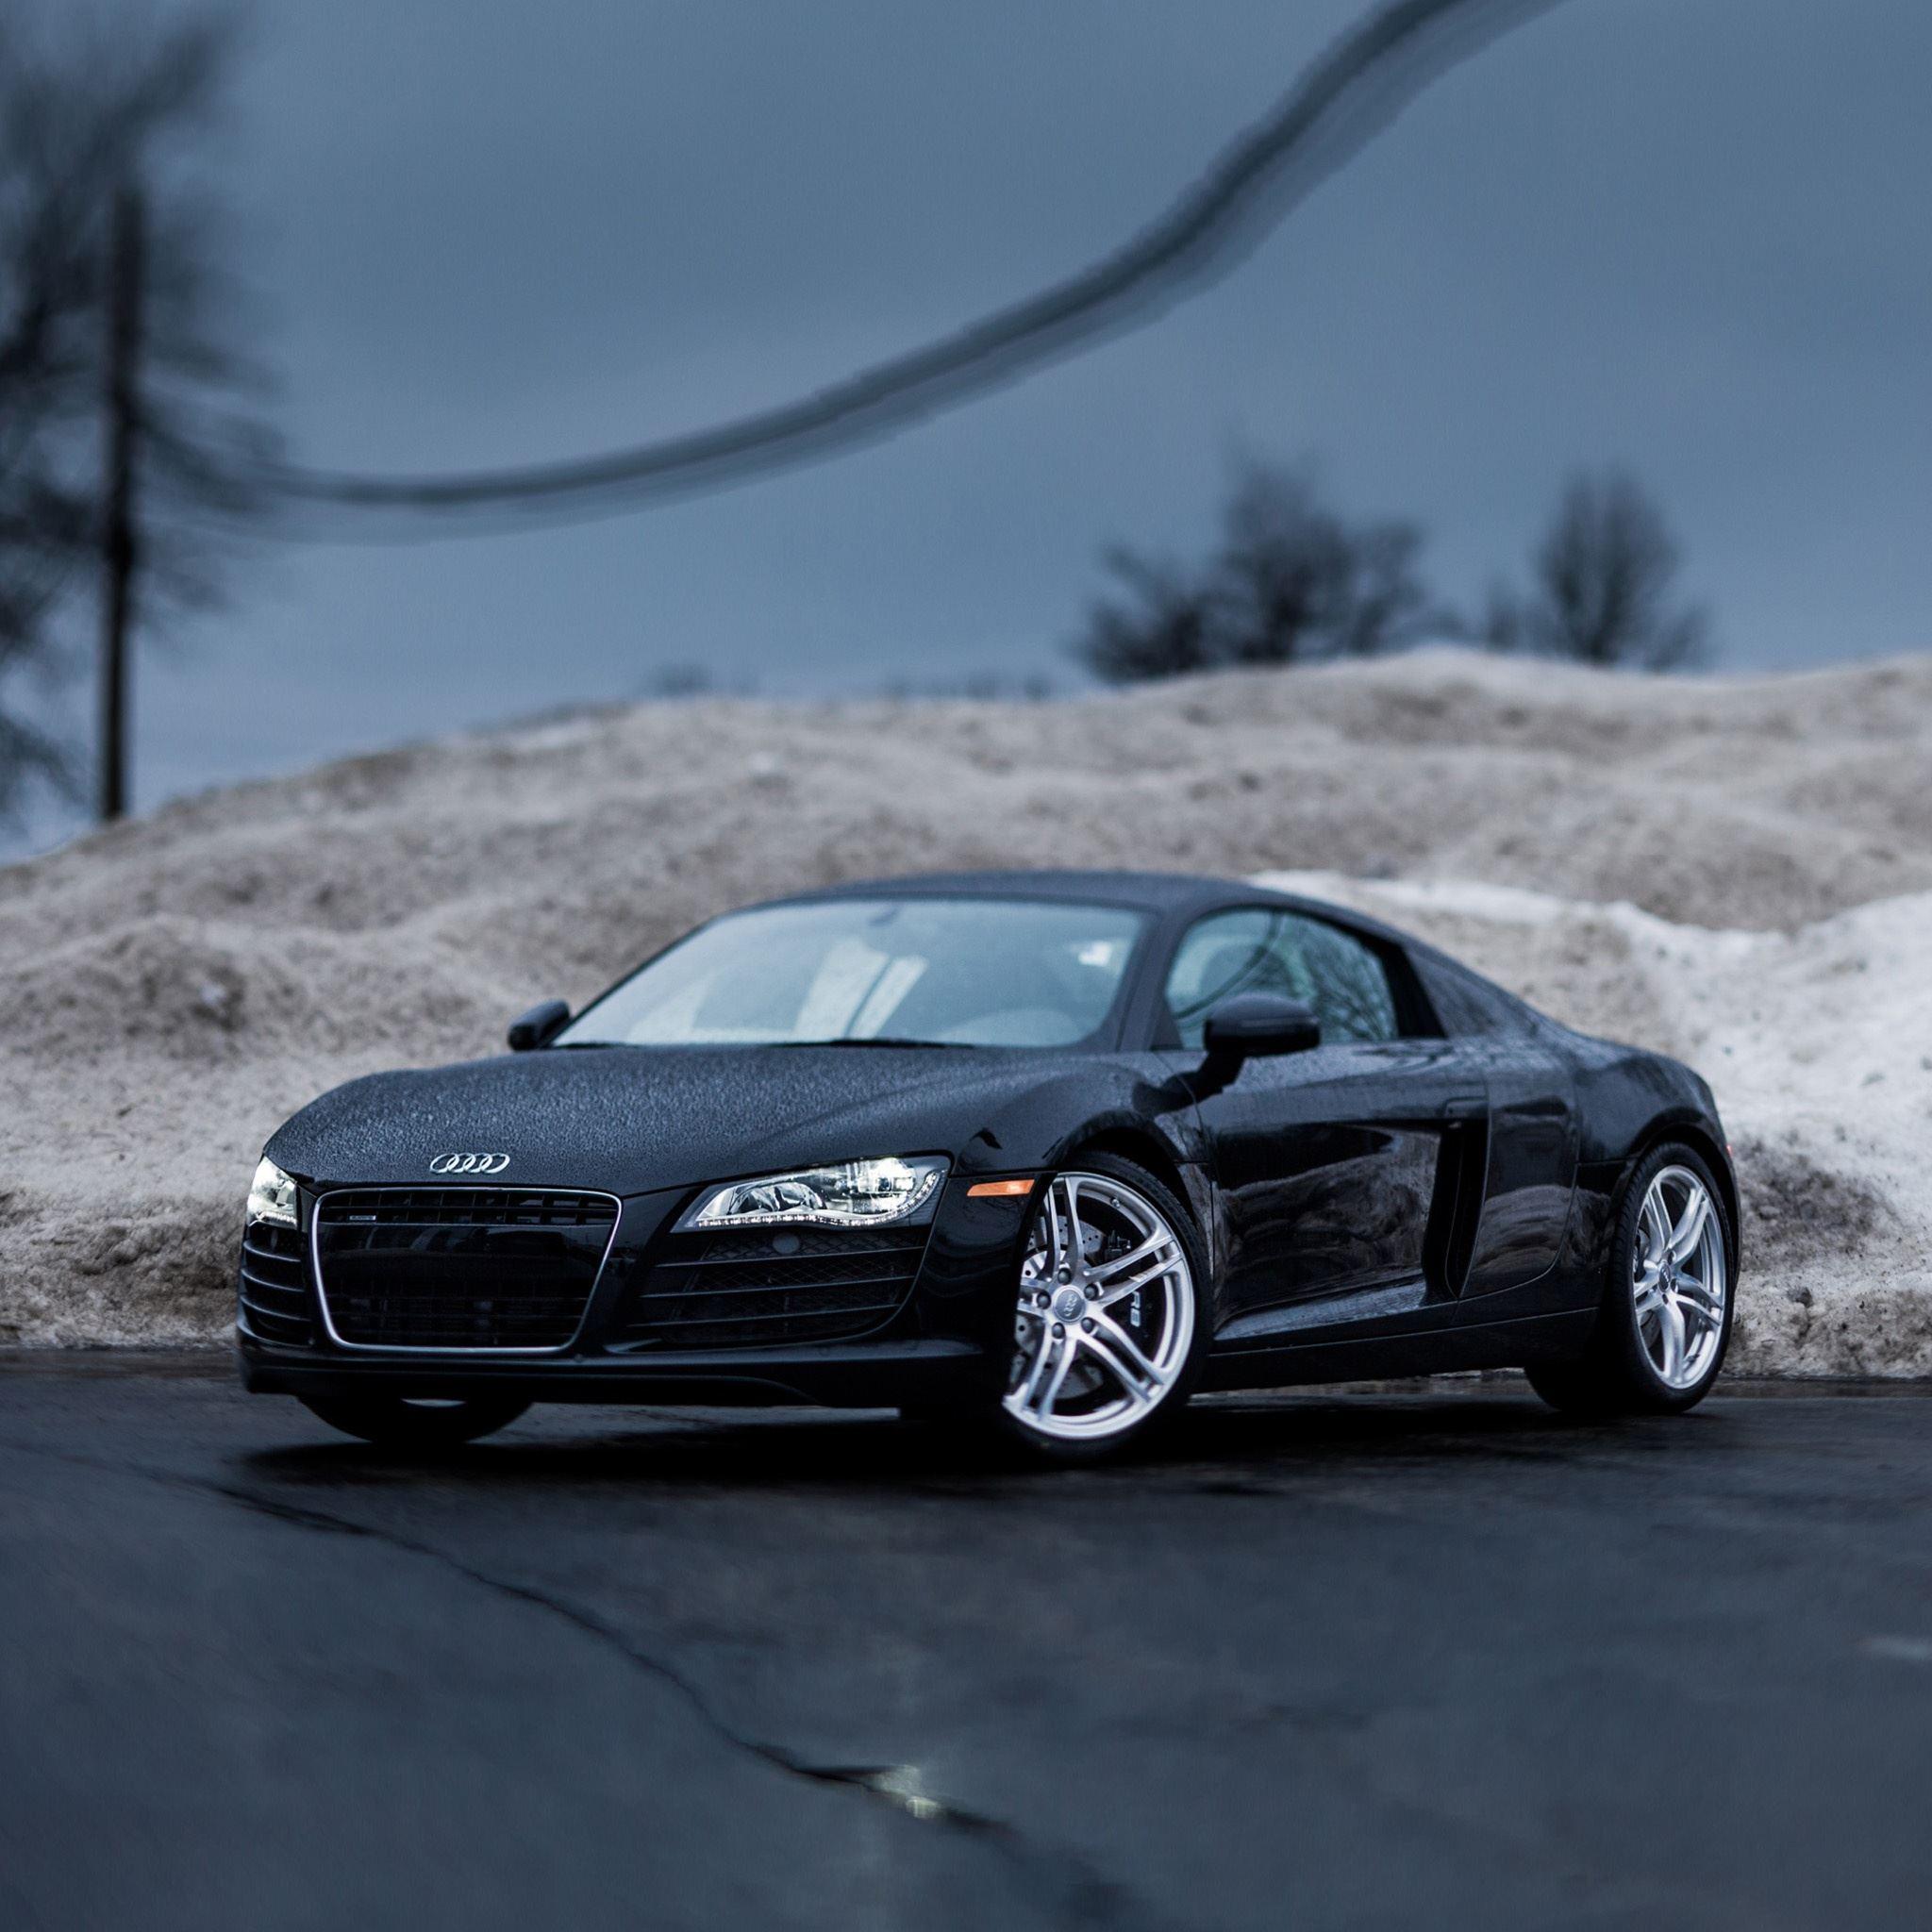 Best Audi R8 Ipad Air Wallpapers Hd Ilikewallpaper